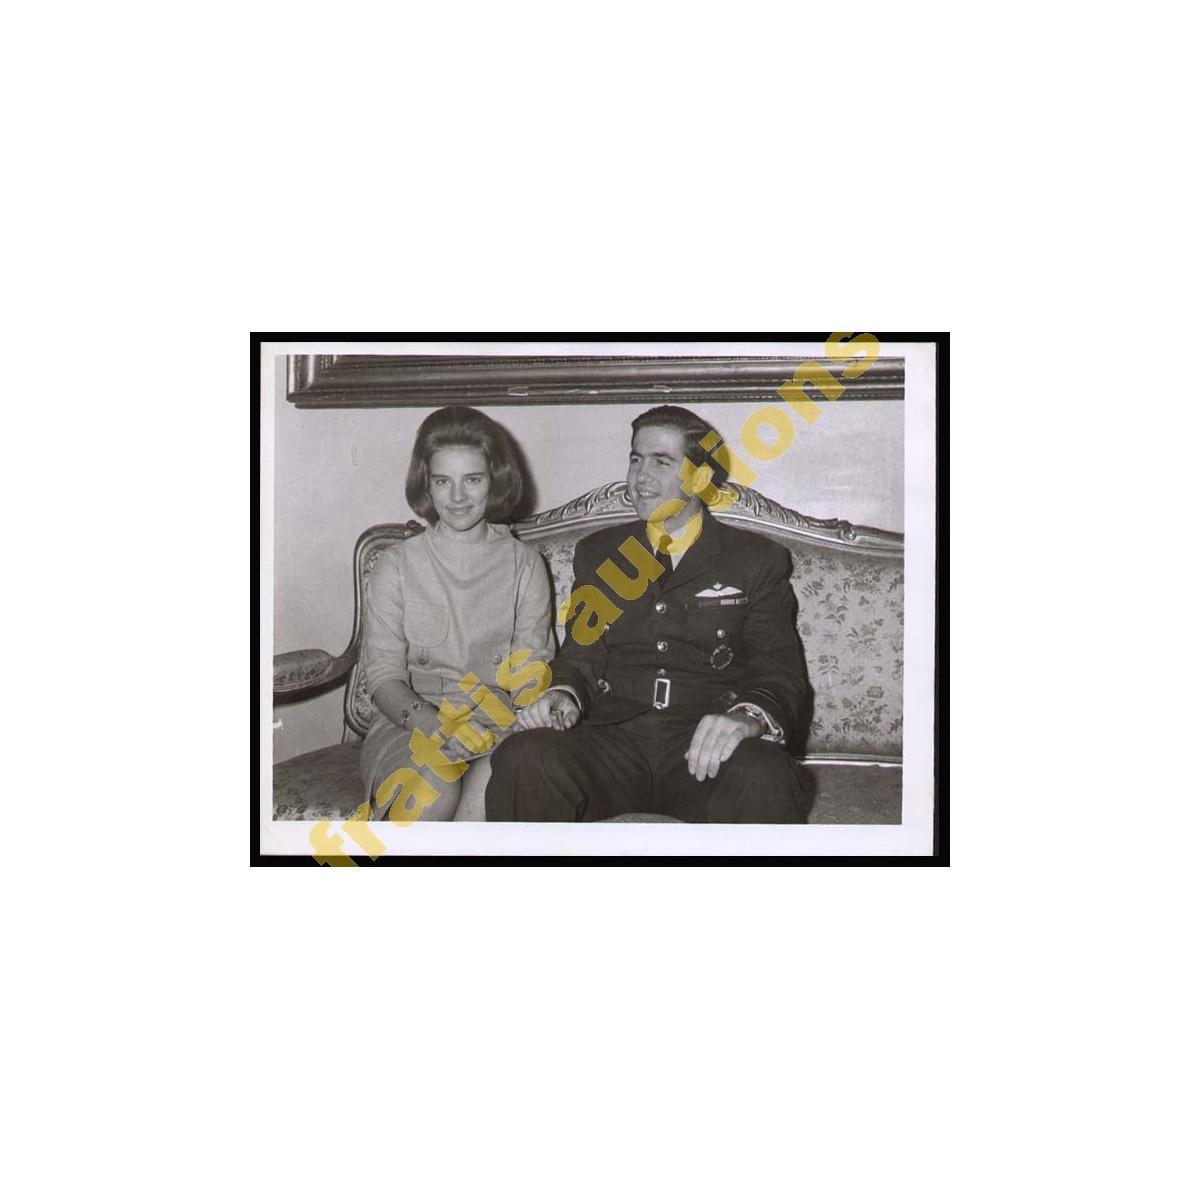 Φωτογραφία του Βασιλέως Κωνσταντίνου ΙΙ και Άννα-Μαρίας.